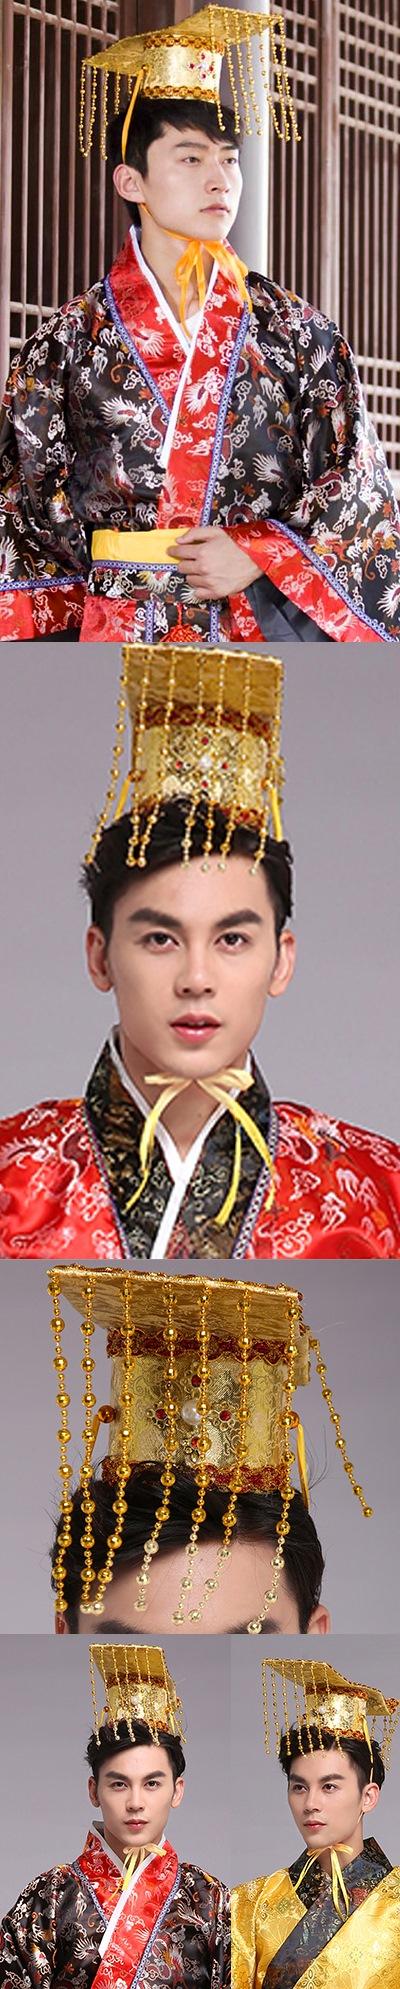 漢朝皇帝小冠冕